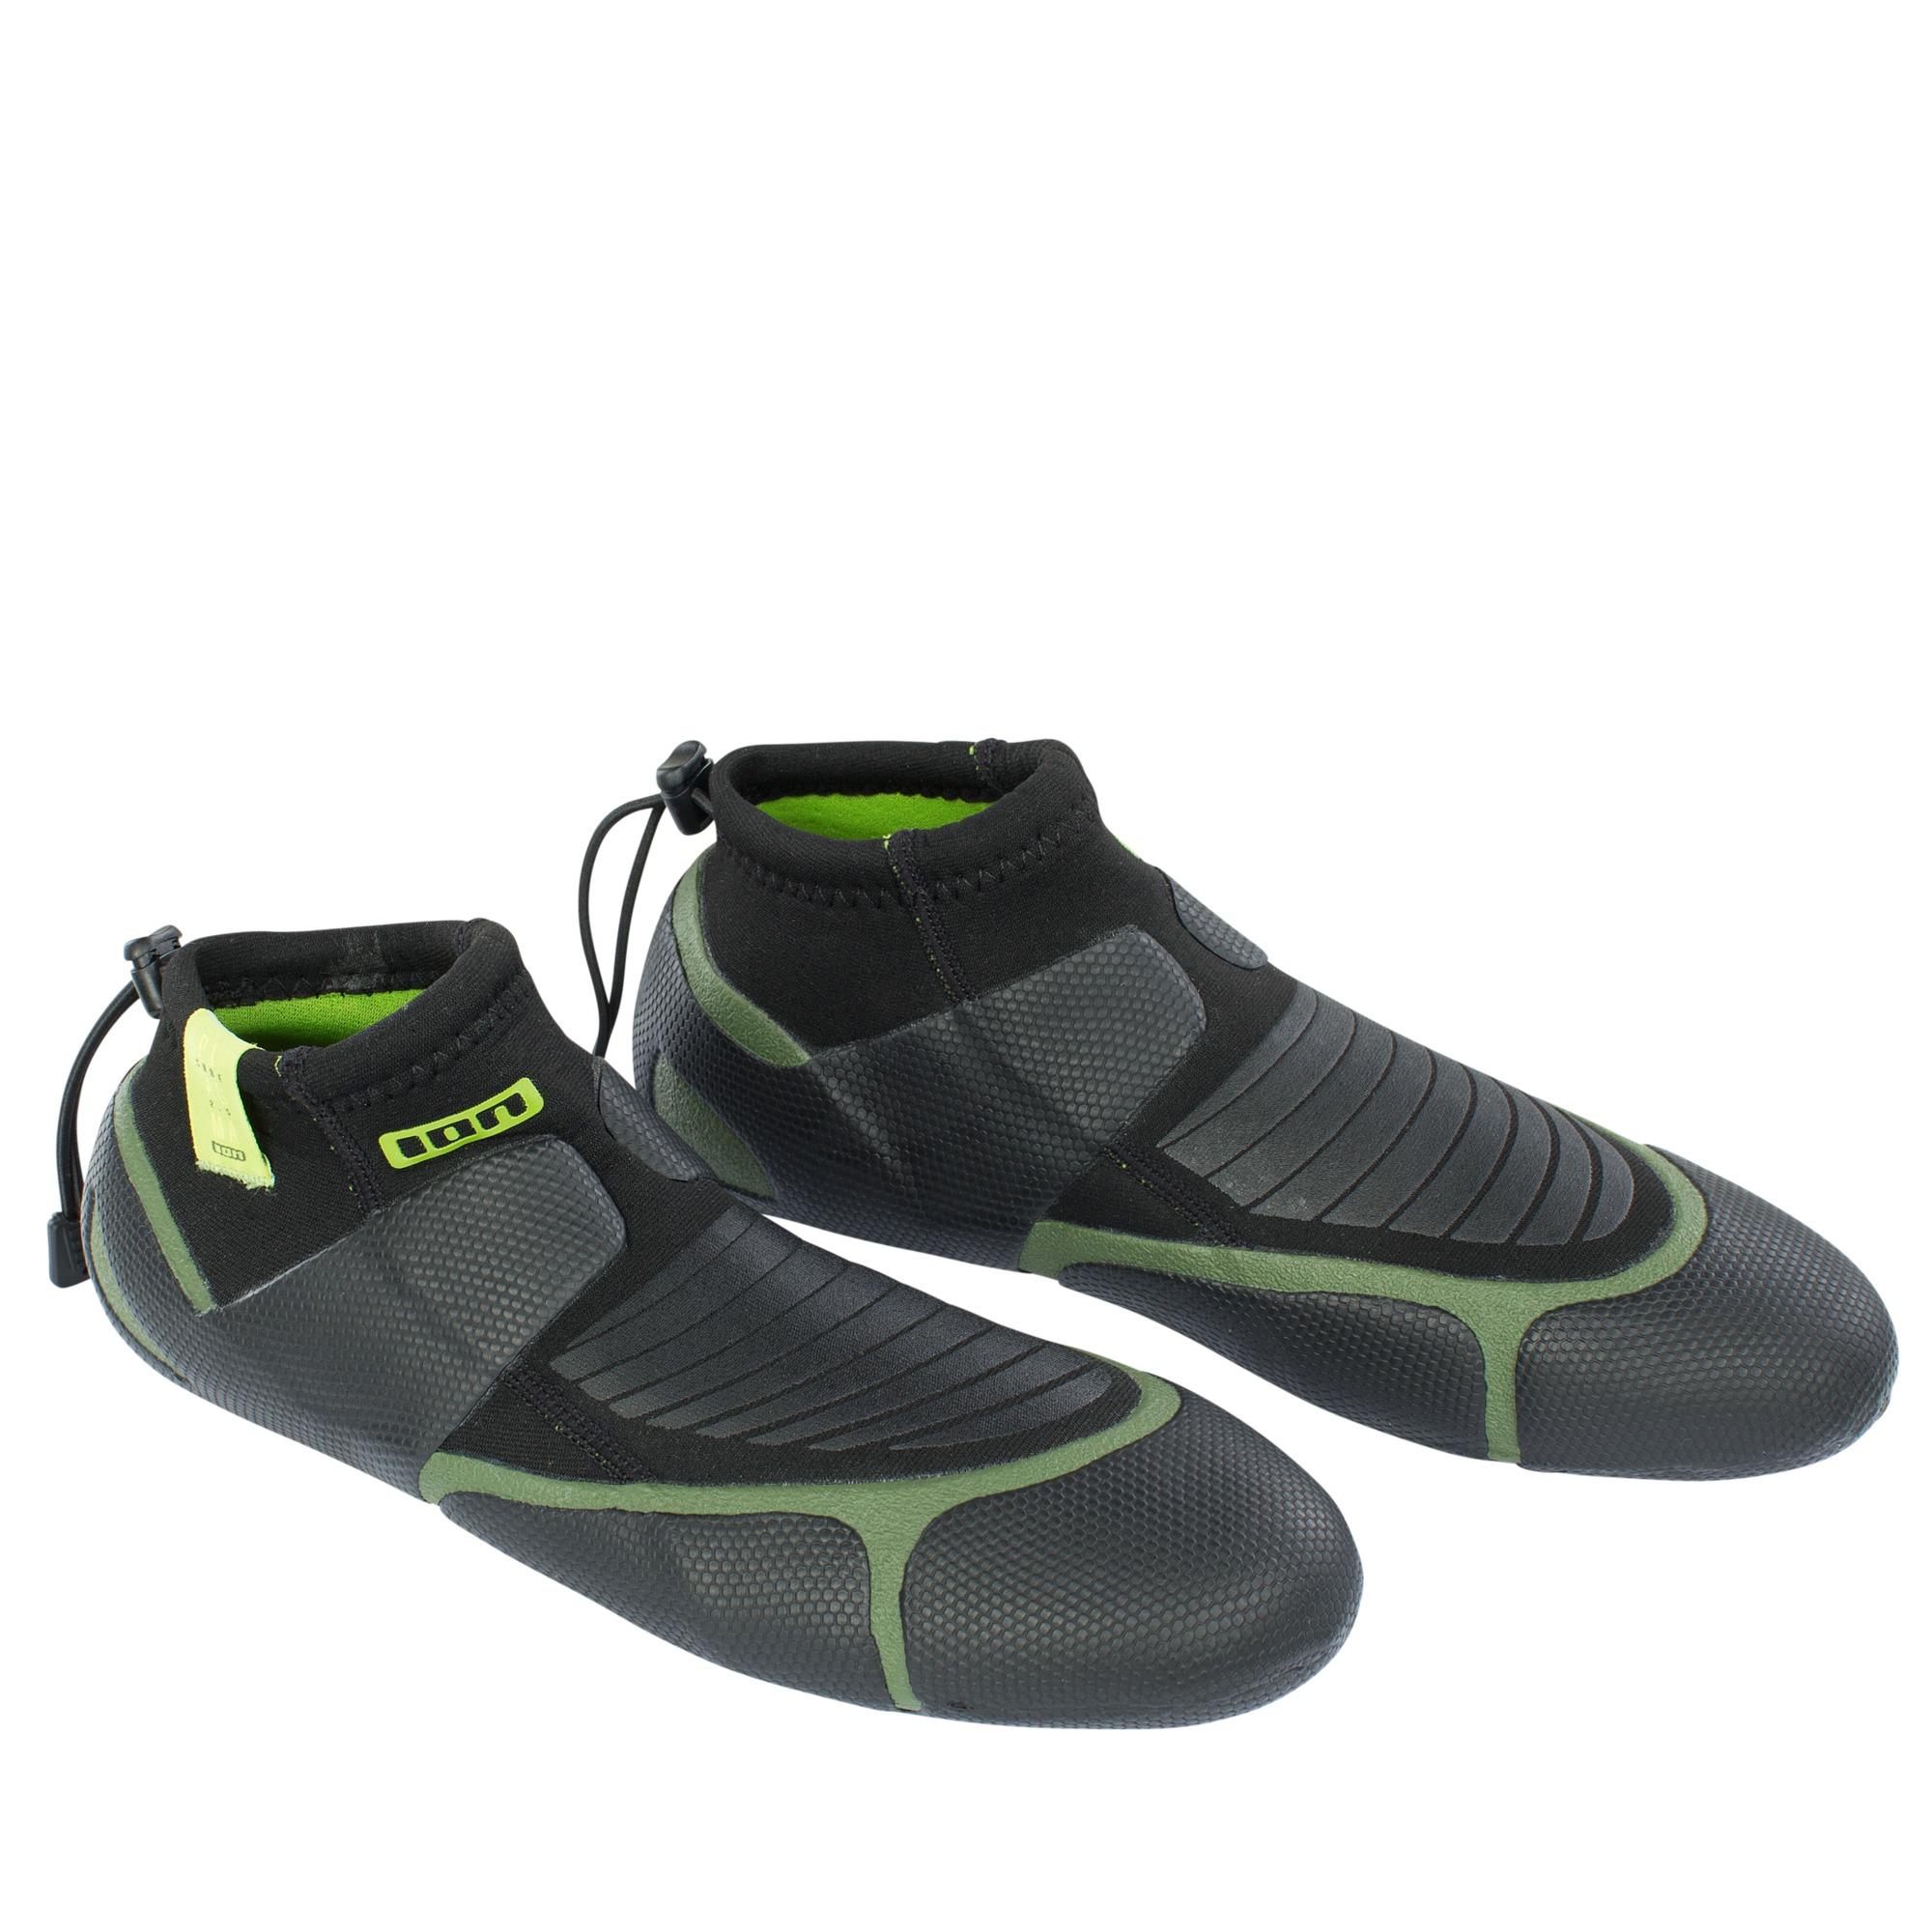 Best Junior Surf Shoes